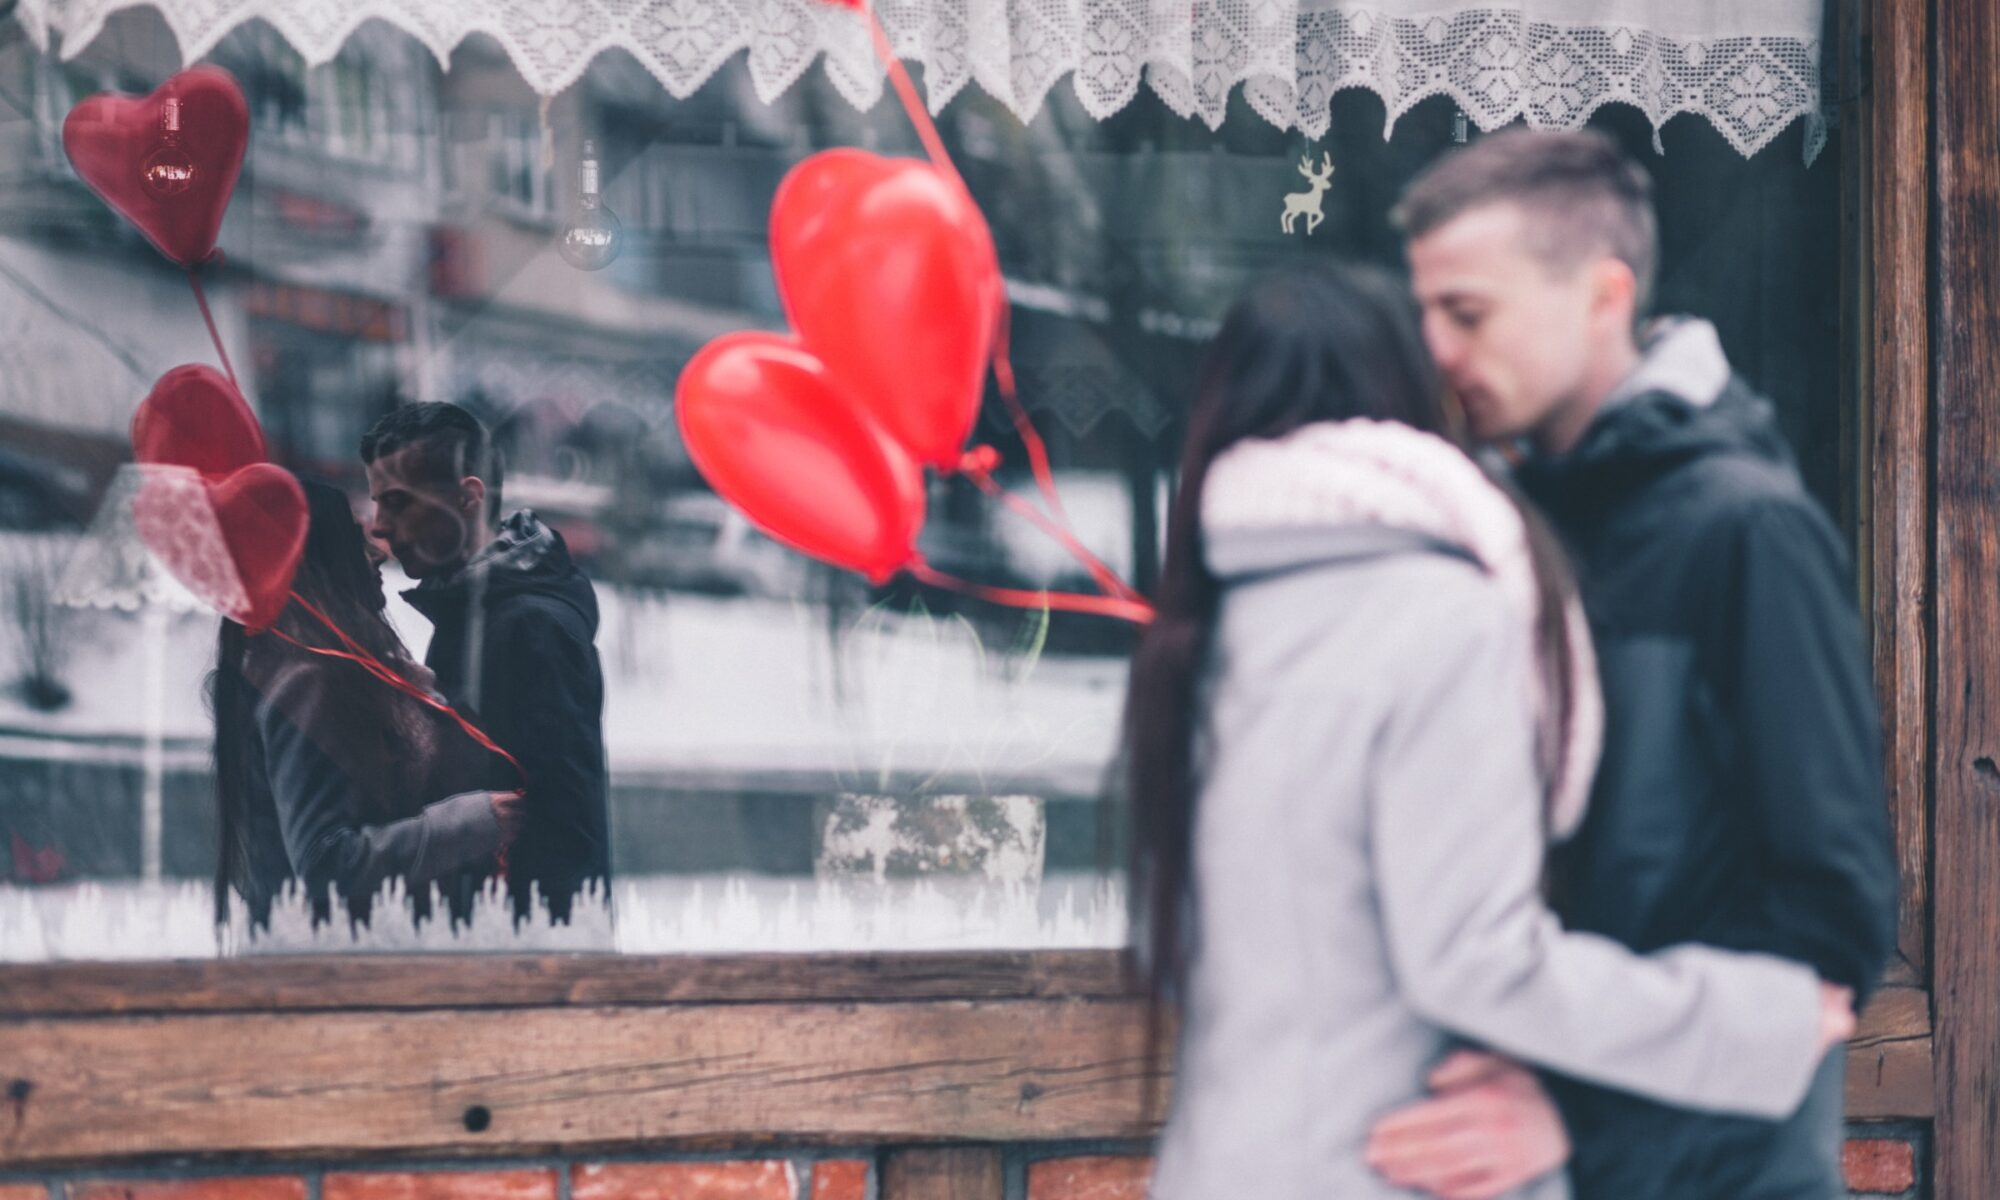 Mies ja nainen suutelevat kadulla punaisten ilmapallojen keskellä, näkyvät myös ikkunan heijastuksessa